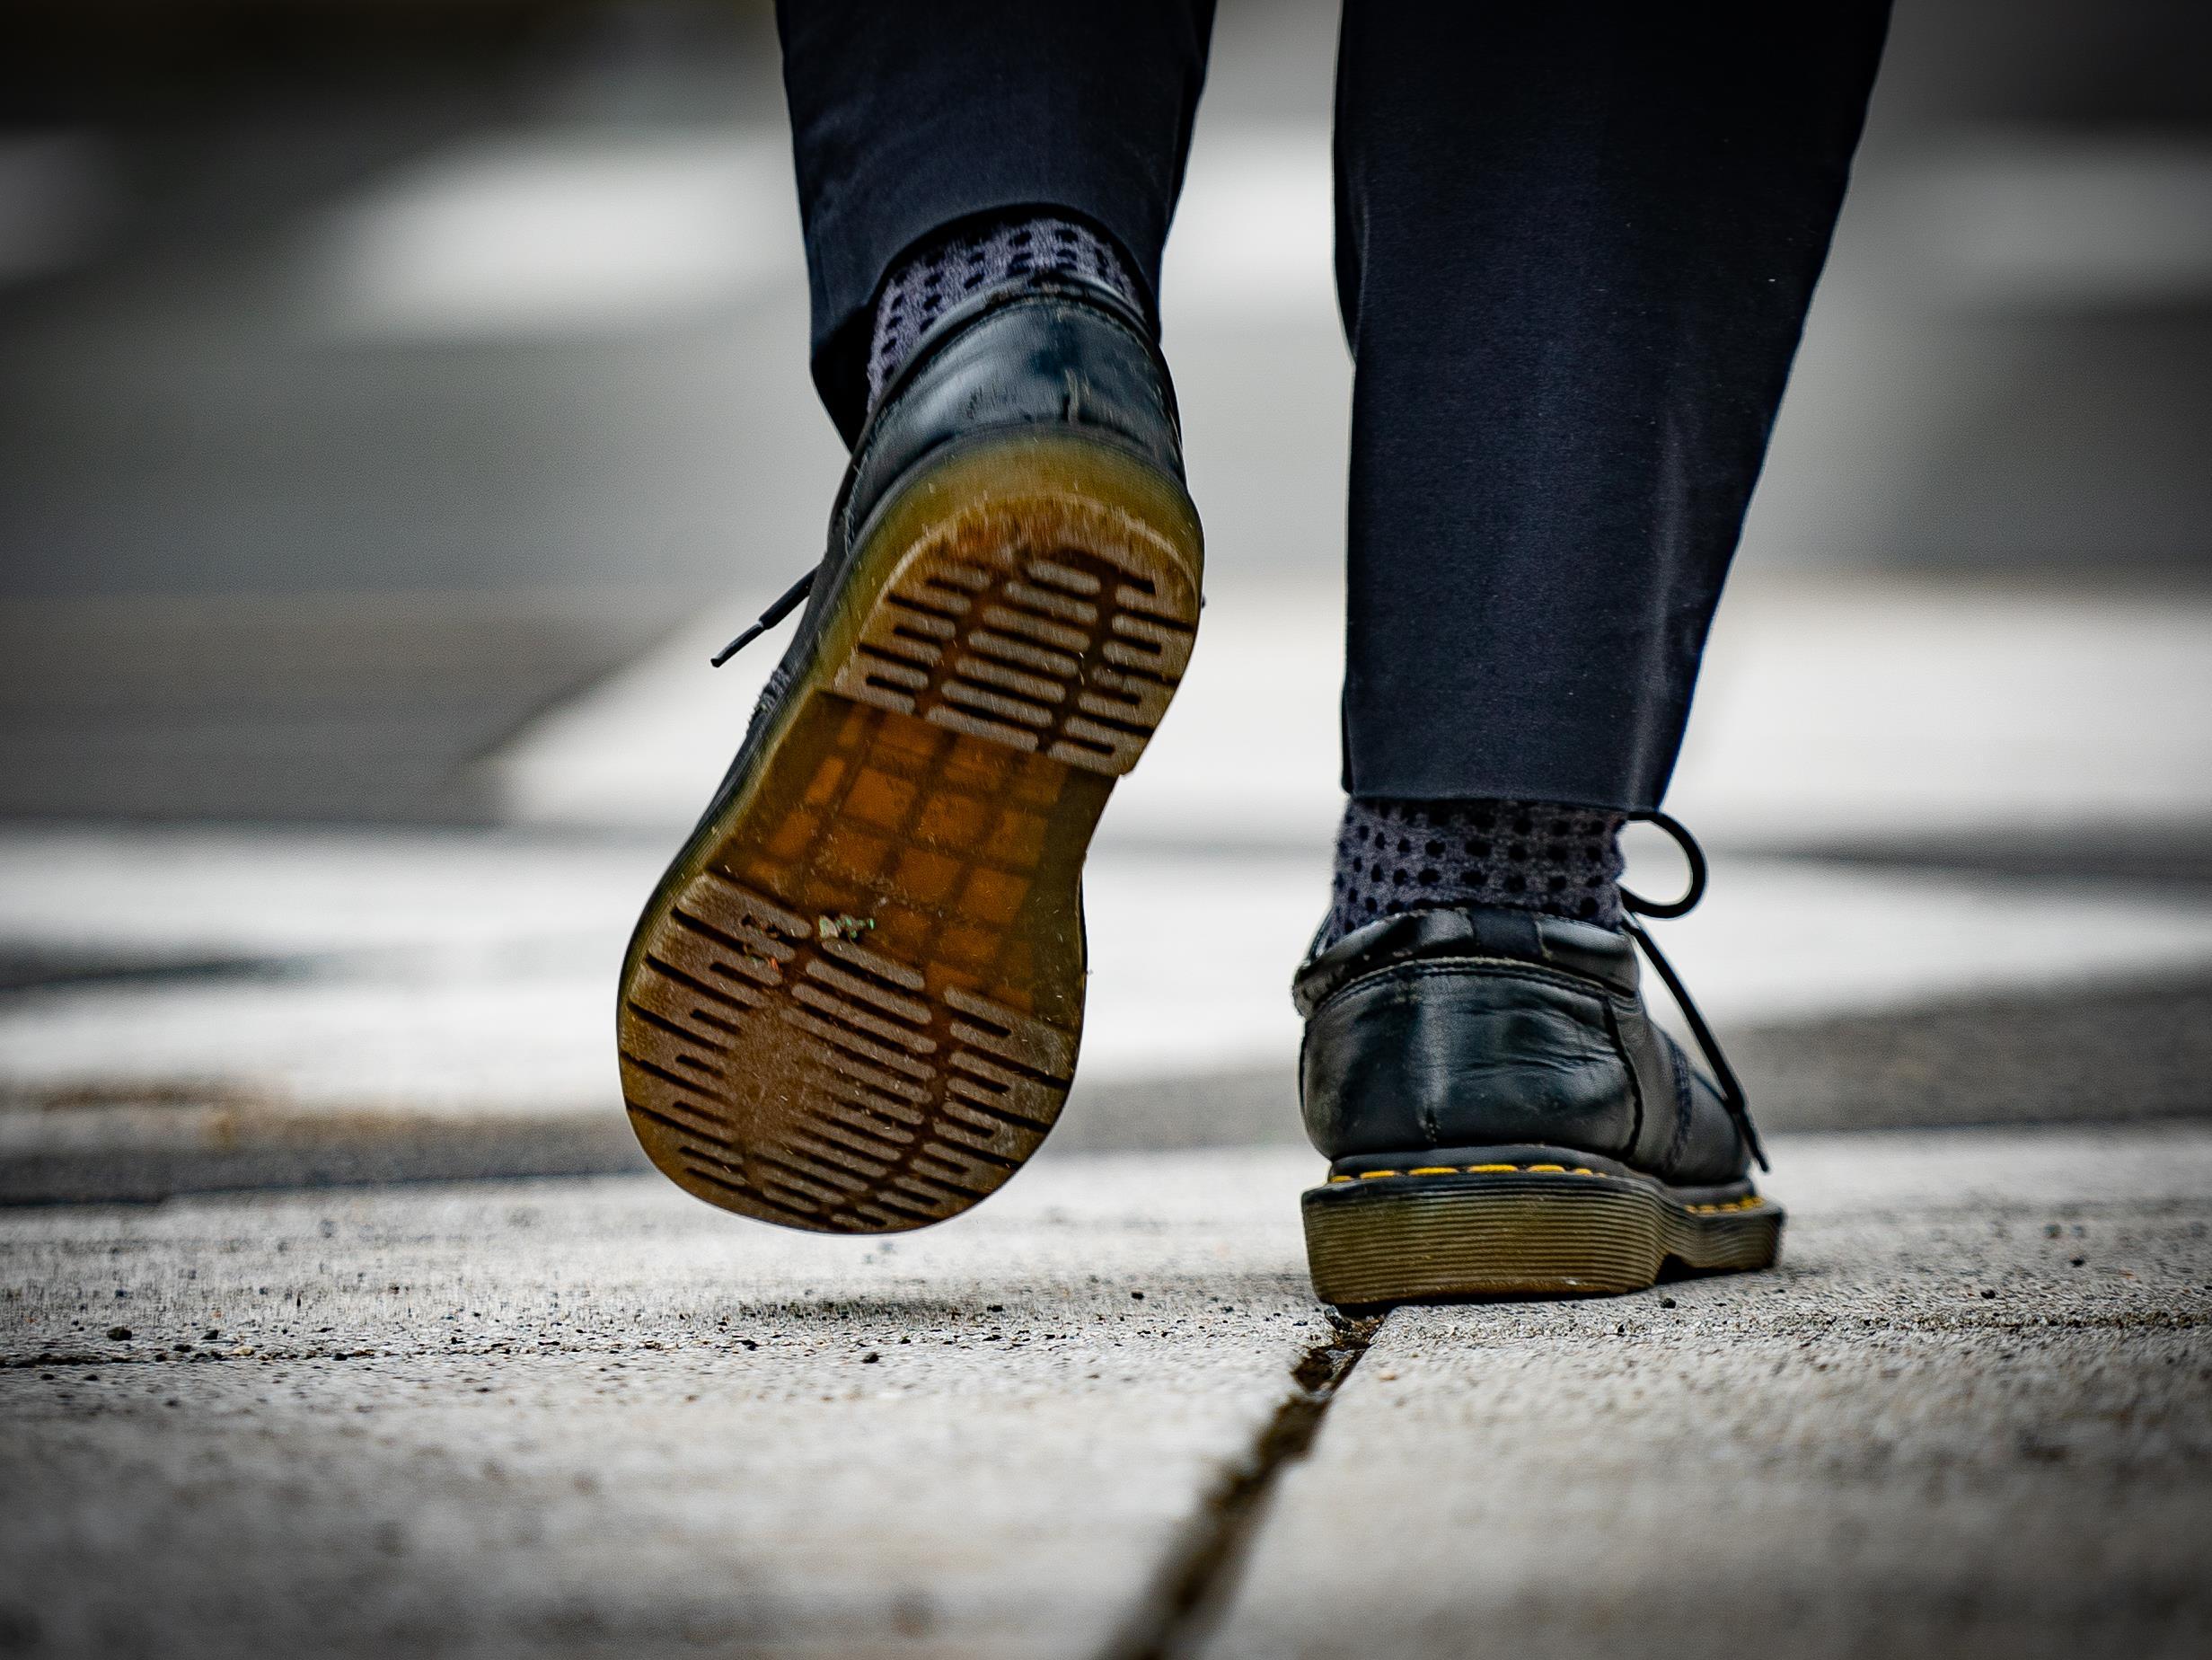 On voit en gros plan les pieds d'Adam, de derrière, qui marche sur le trottoir. Il porte des chaussures de cuir.